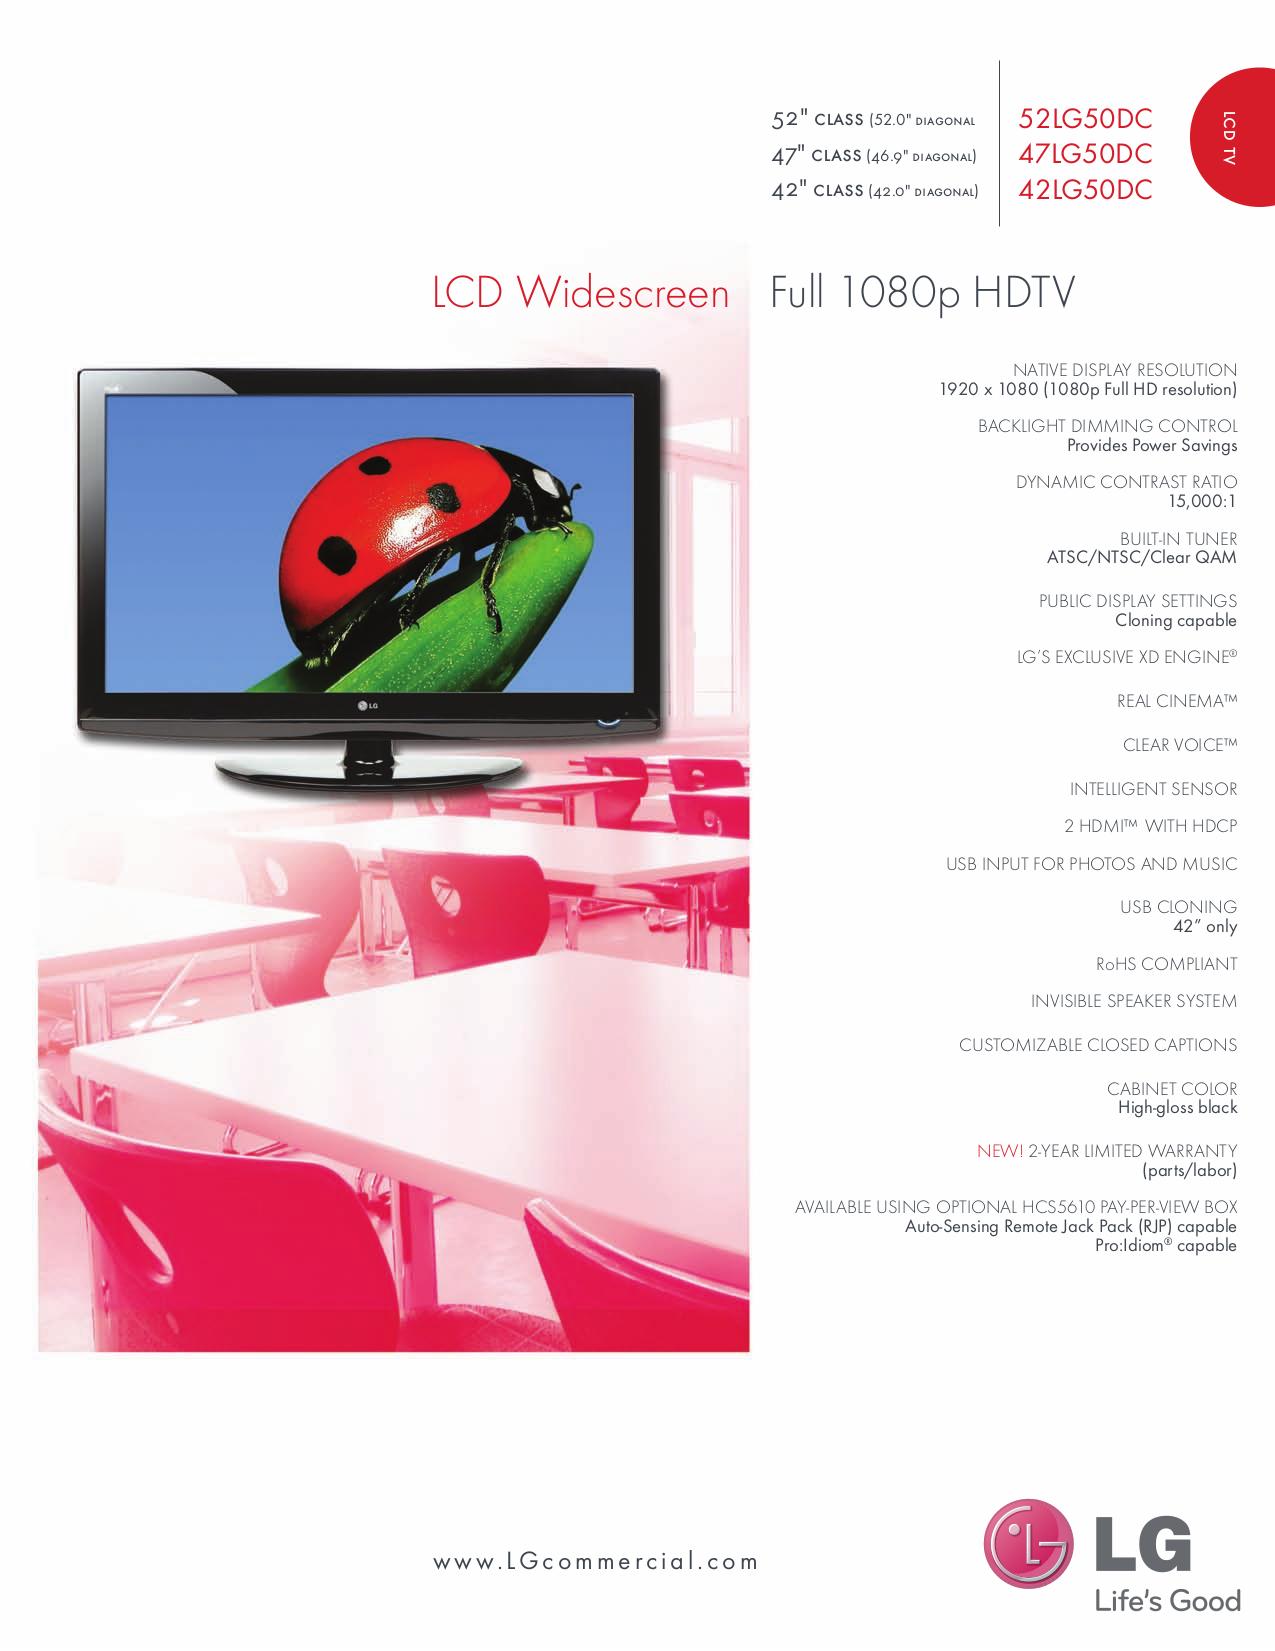 pdf for LG TV 47LG50DC manual